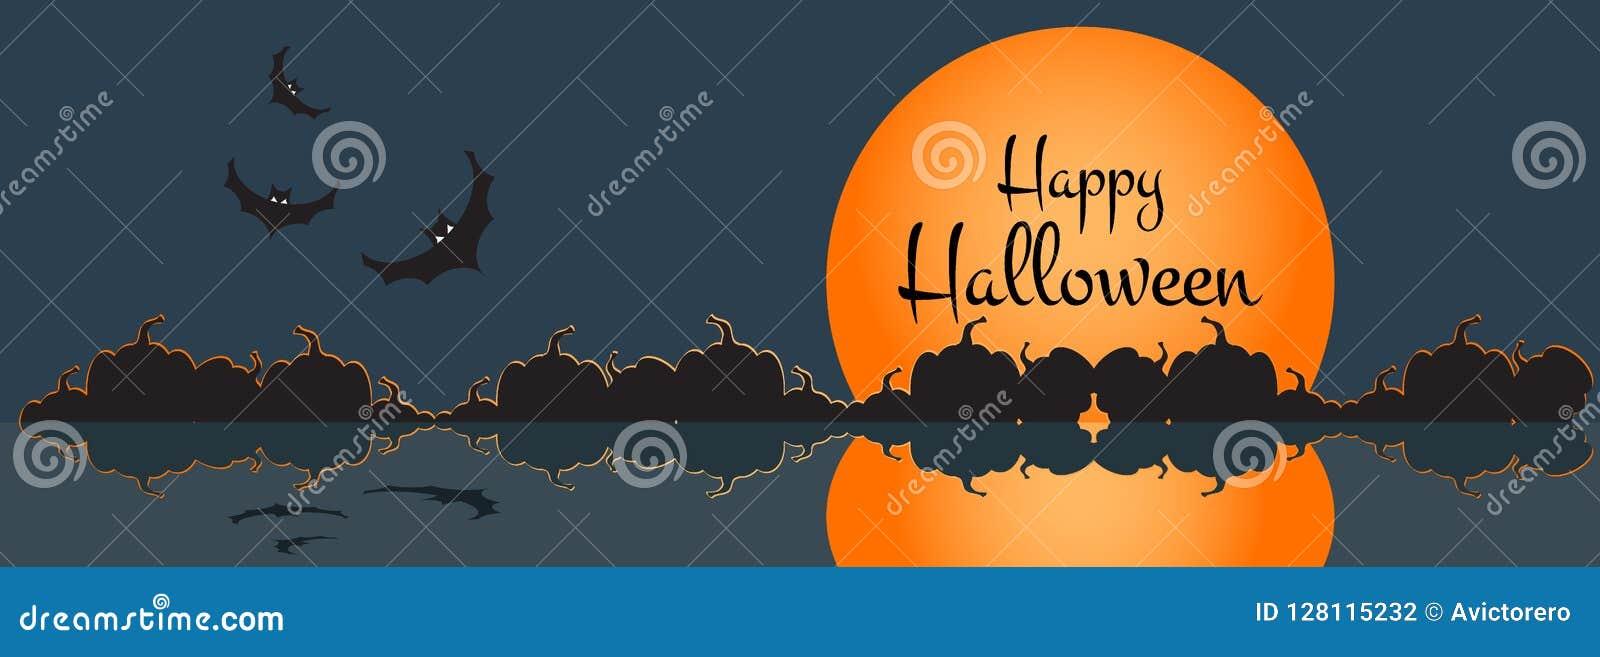 Illustratie van een gelukkige Halloween-banner met Halloween-stadsscène Vector illustratie